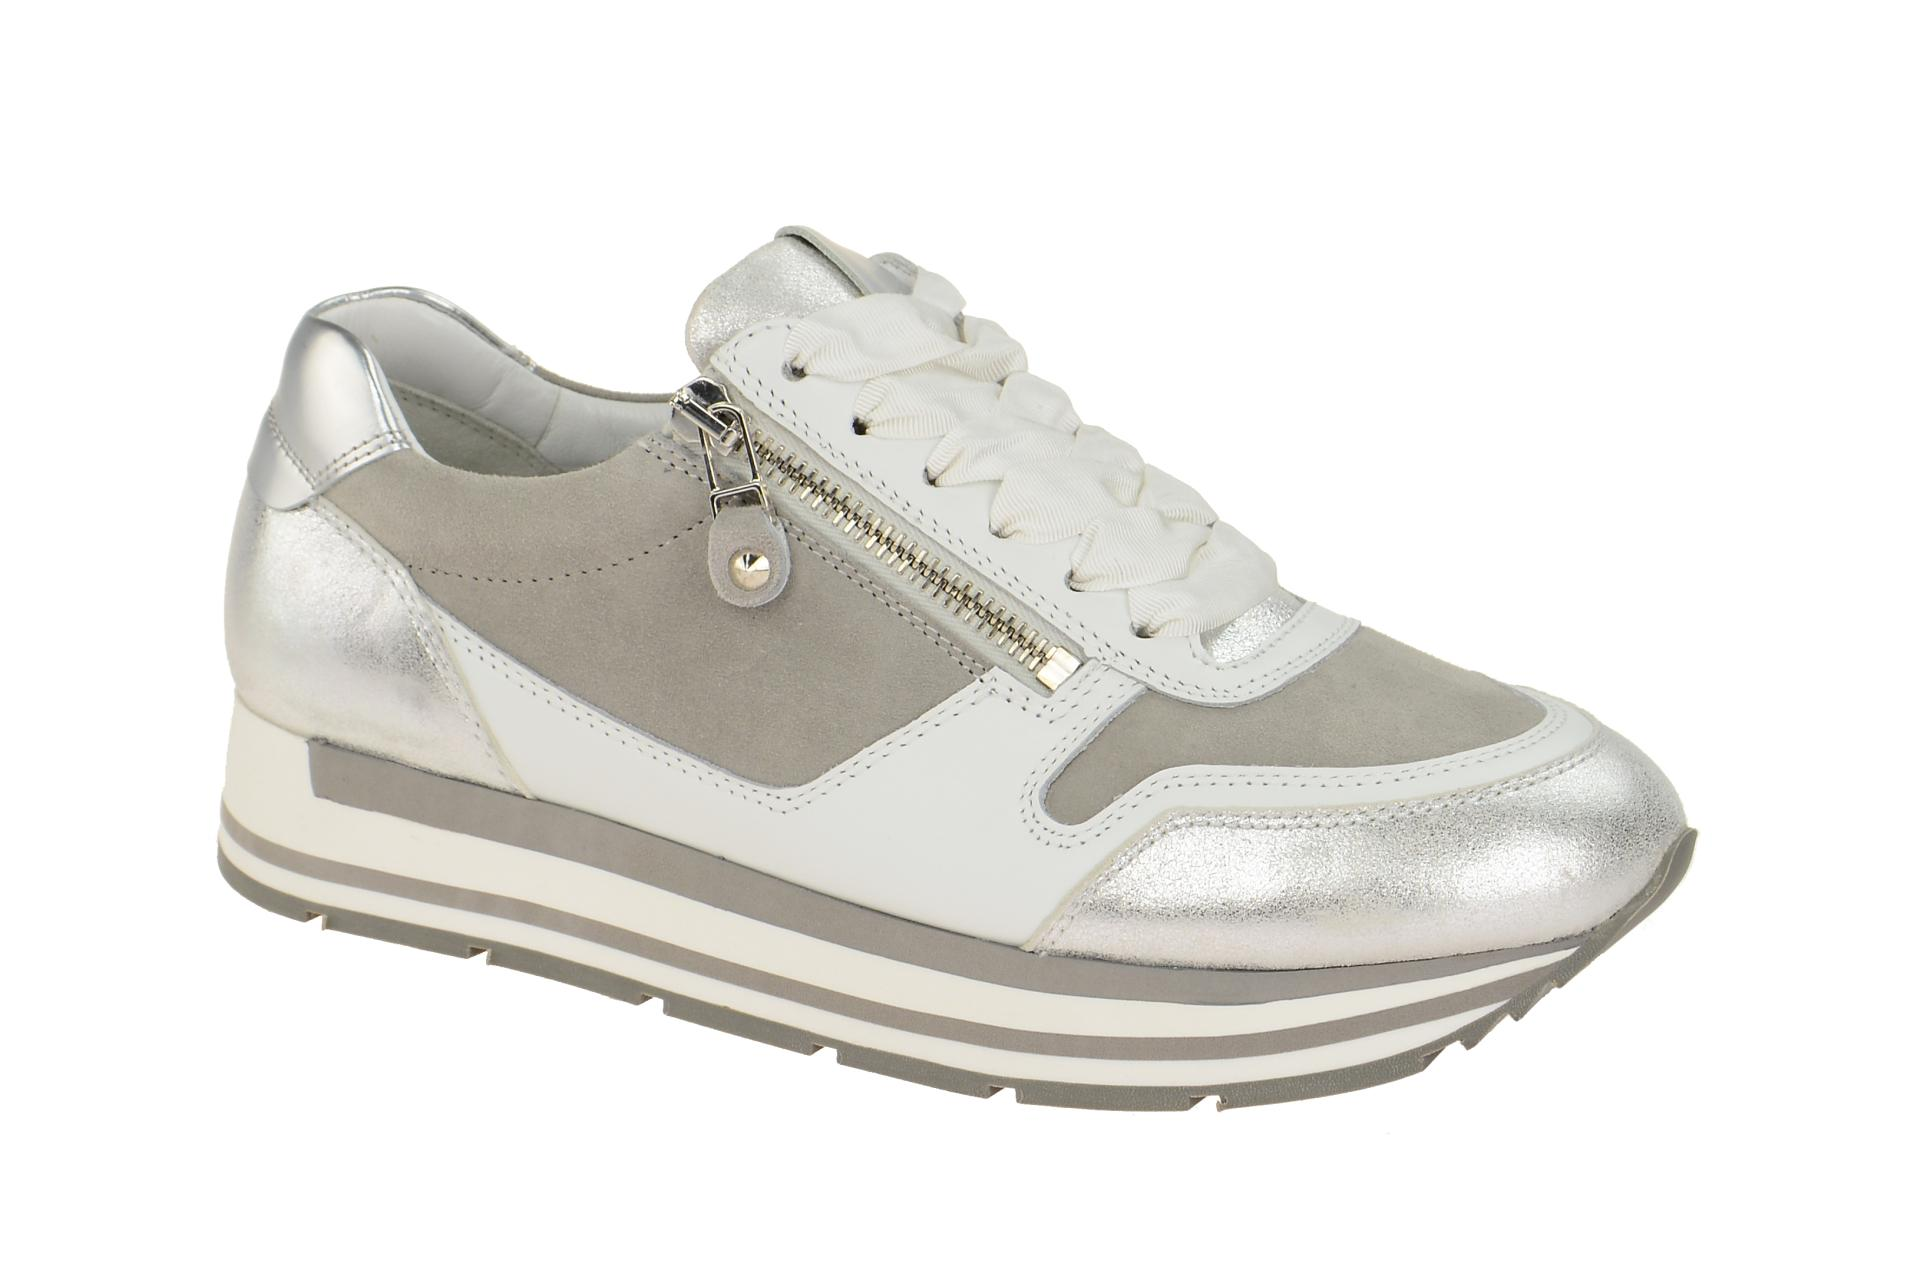 ffdb997656a6b8 K S Sneaker Rock Schuhe weiß grau silber